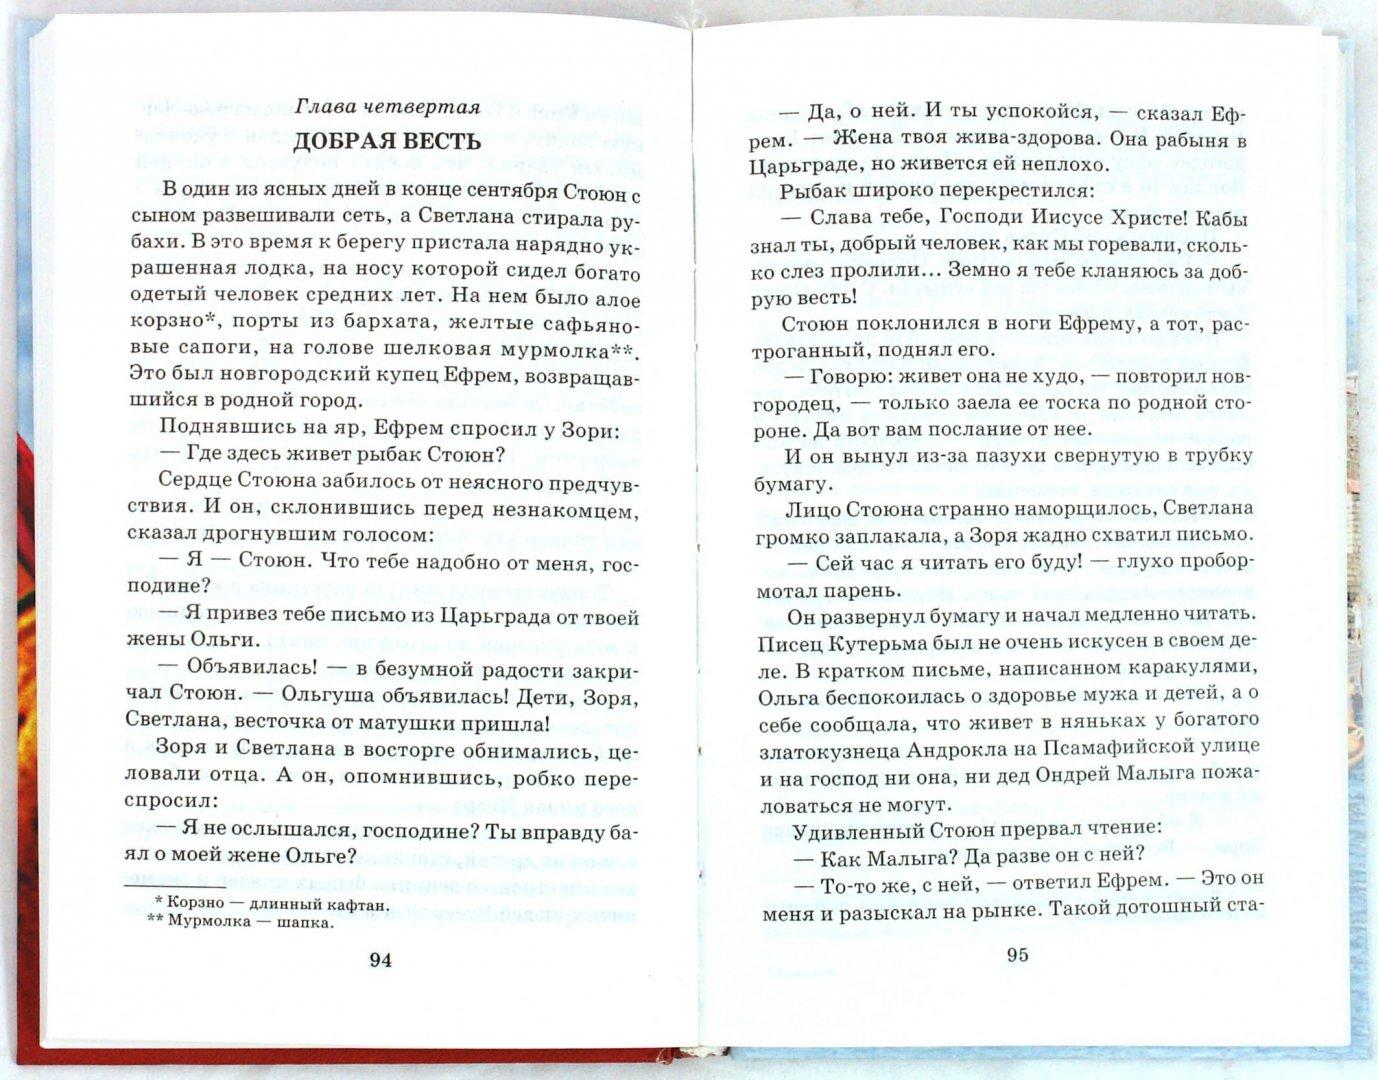 Иллюстрация 1 из 5 для Царьградская пленница - Александр Волков | Лабиринт - книги. Источник: Лабиринт